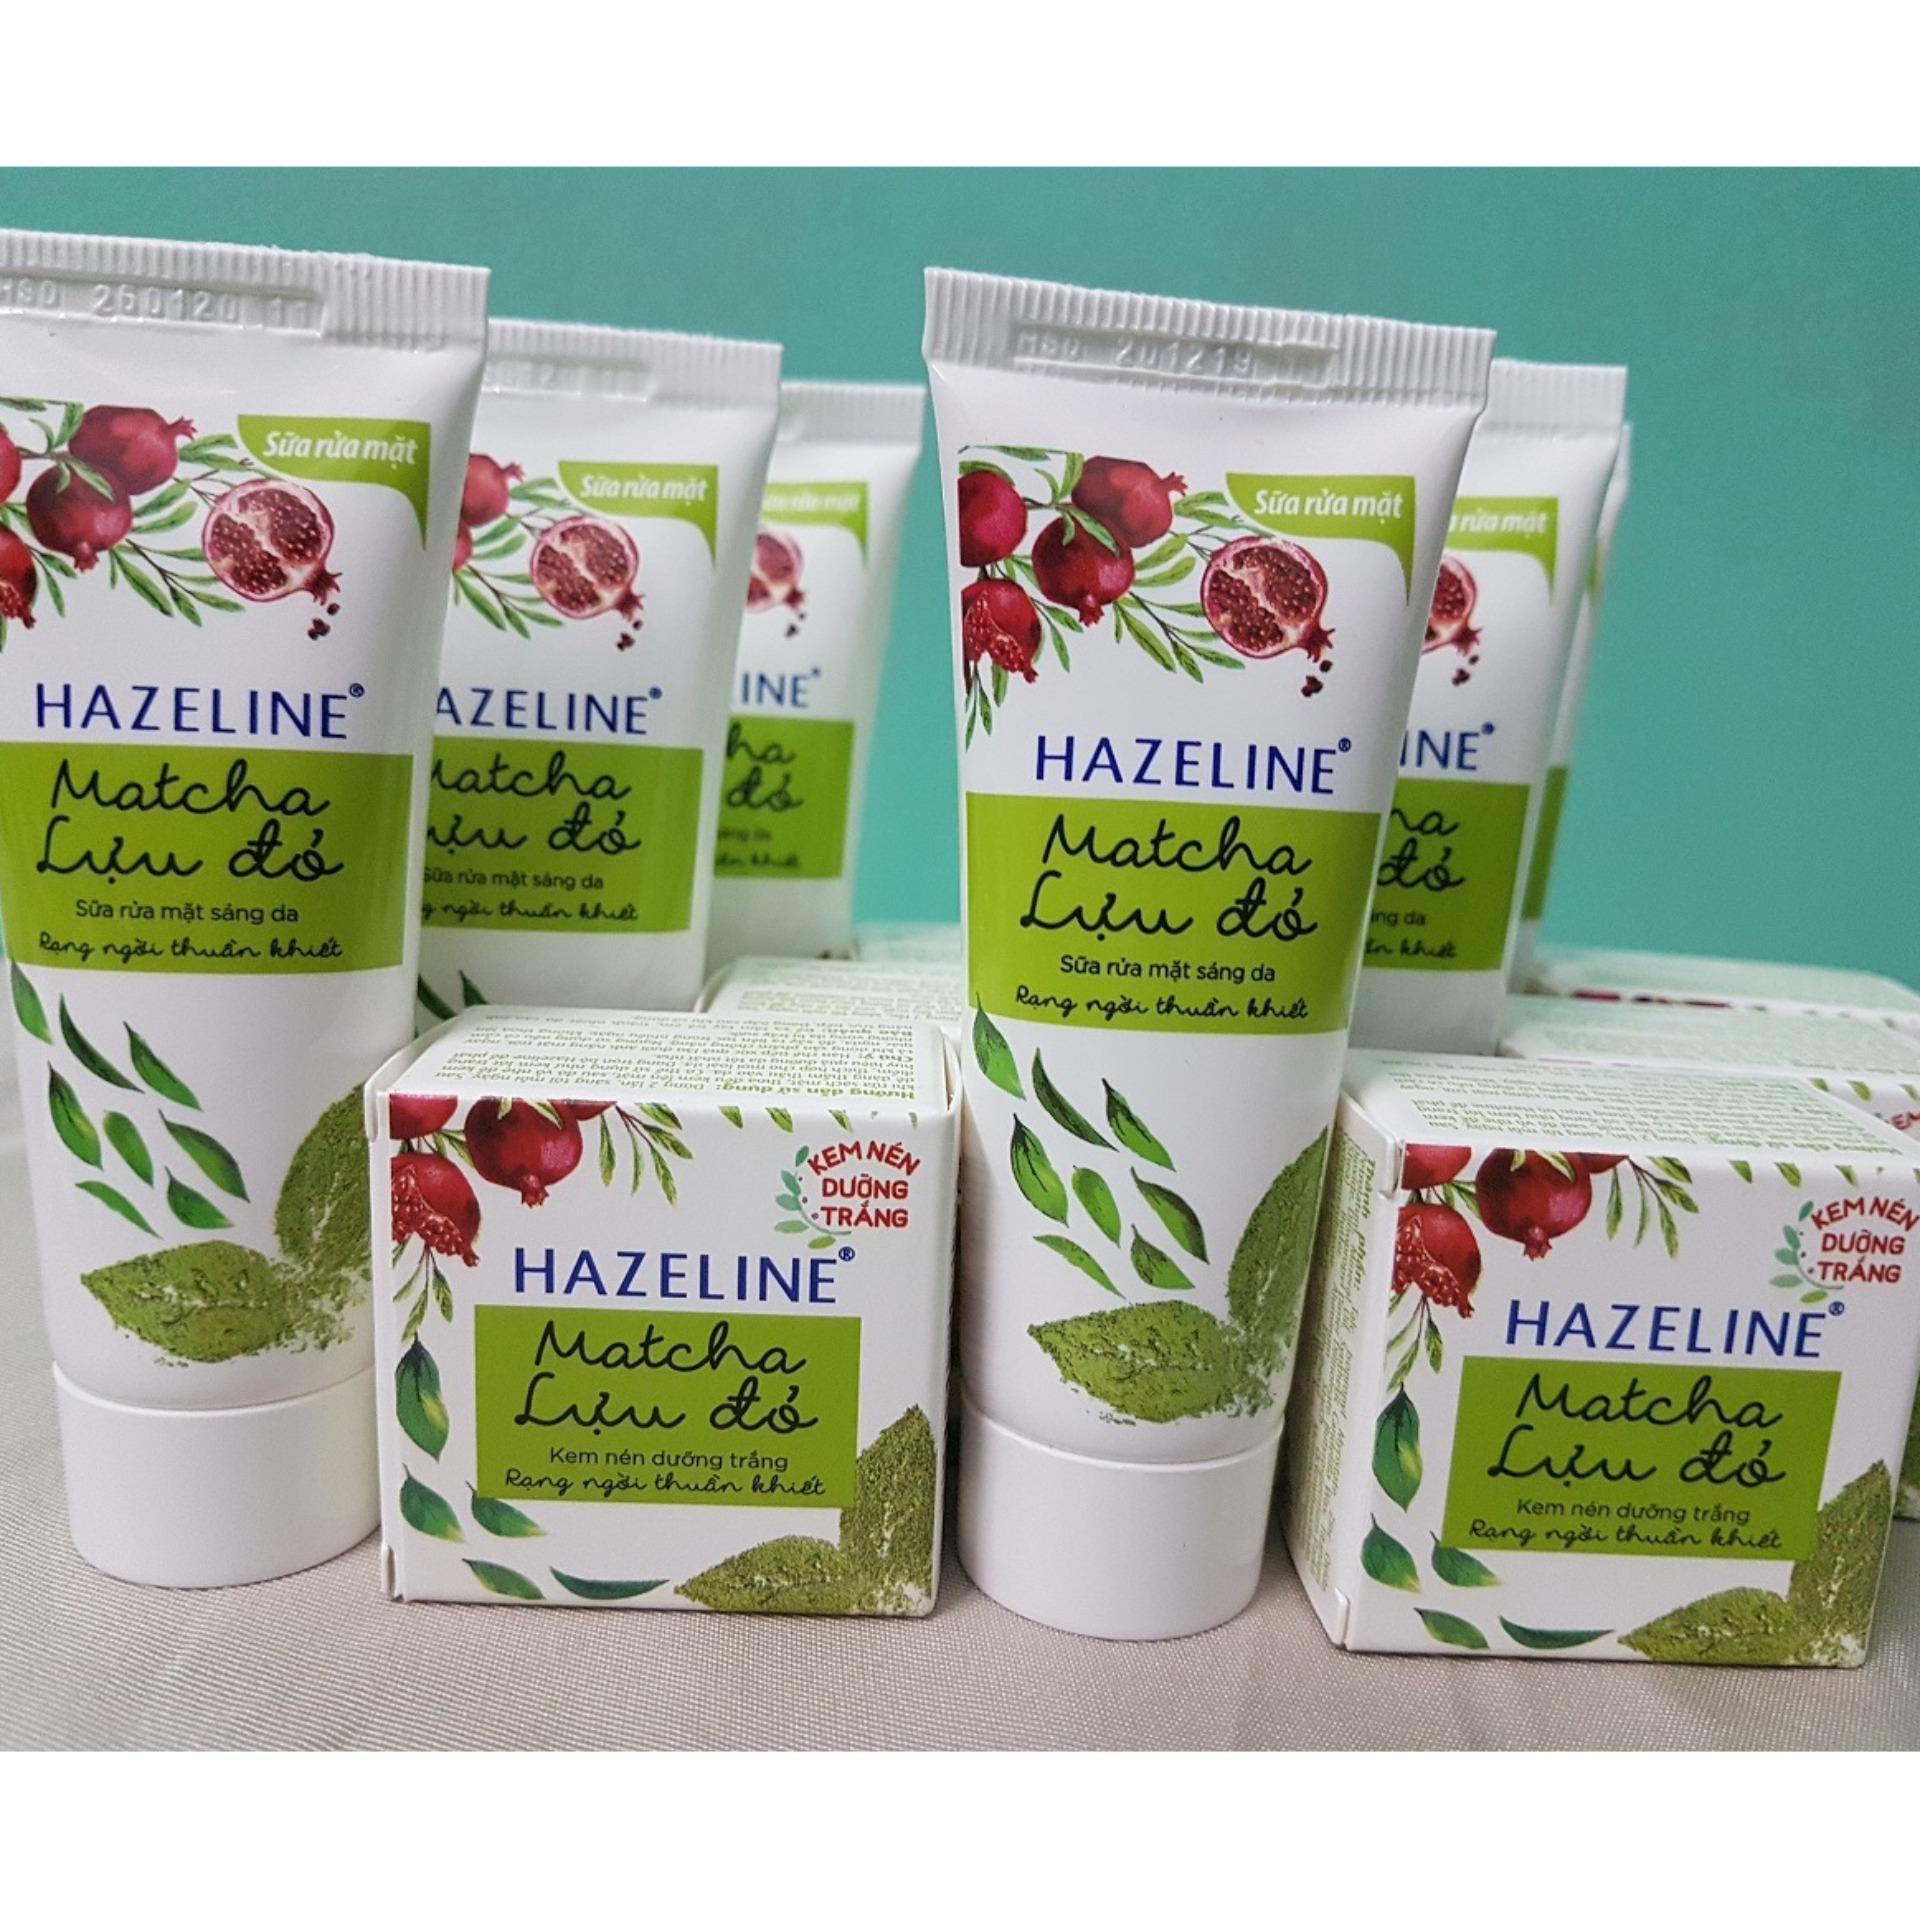 (NHH) Trọn bộ 10 món: 5 hộp kem nén dưỡng trắng Hazeline (3g/hộp), 5 tuýp sữa rửa mặt sáng da Hazeline (15g/ tuýp) + Tặng túi đựng mỹ phẩm xinh xắn